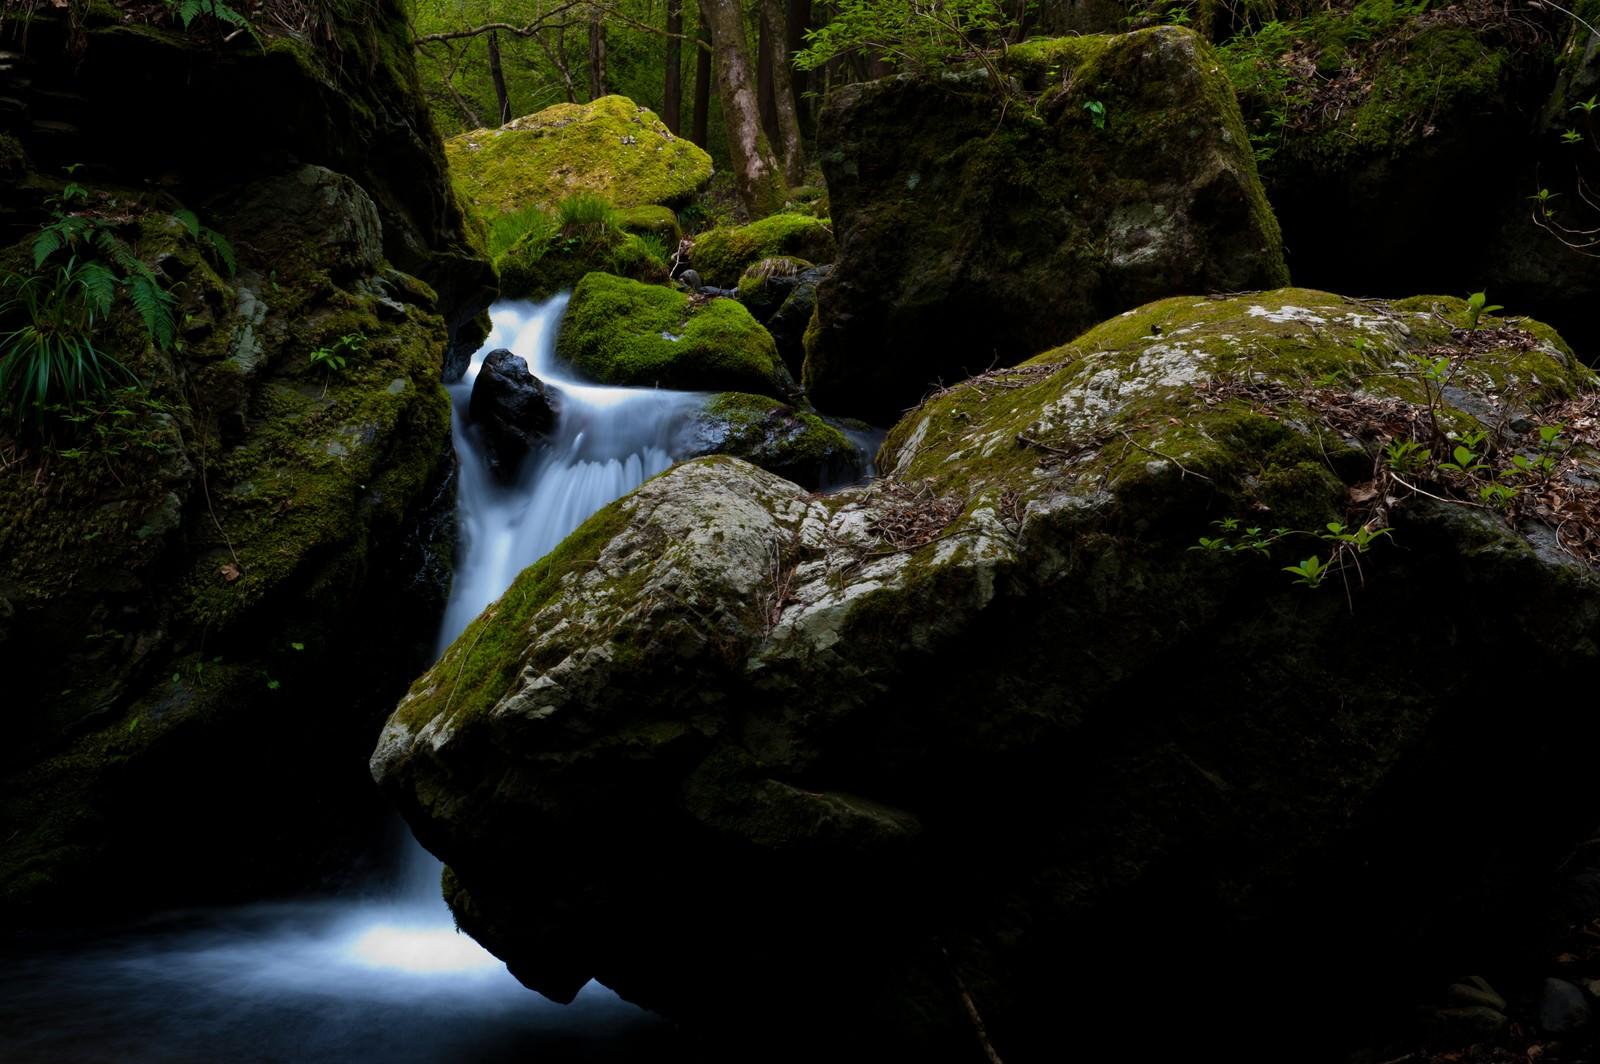 「海沢探勝路の三ツ釜の滝」の写真